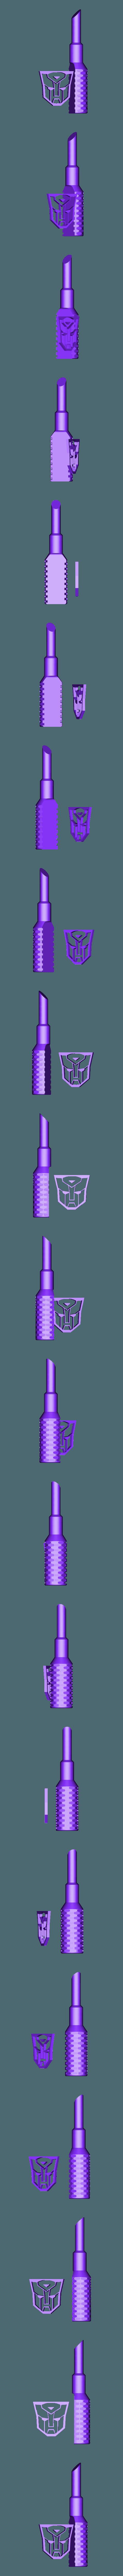 Shoulder-Left-Silver.stl Télécharger fichier STL gratuit Big Optimus Prime! - Modèle multi-matériaux • Plan pour imprimante 3D, ChaosCoreTech